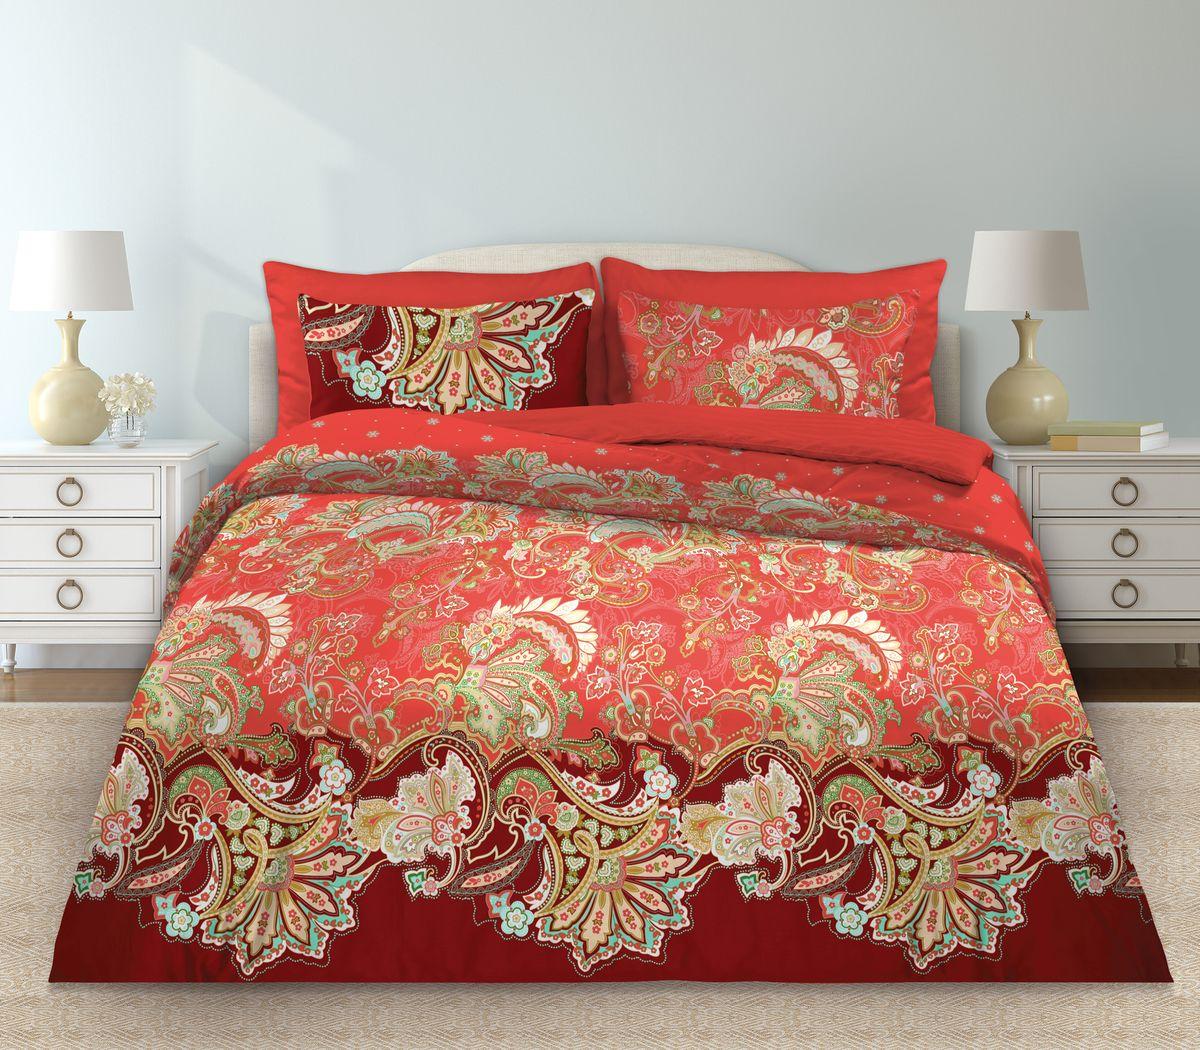 Комплект белья Любимый дом Болеро, 1,5-спальный, наволочки 70x70, цвет: красный345950Комплект постельного белья коллекции Любимый дом выполнен из высококачественной ткани - из 100% хлопка. Такое белье абсолютно натуральное, гипоаллергенное, соответствует строжайшим экологическим нормам безопасности, комфортное, дышащее, не нарушает естественные процессы терморегуляции, прочное, не линяет, не деформируется и не теряет своих красок даже после многочисленных стирок, а также отличается хорошей износостойкостью.